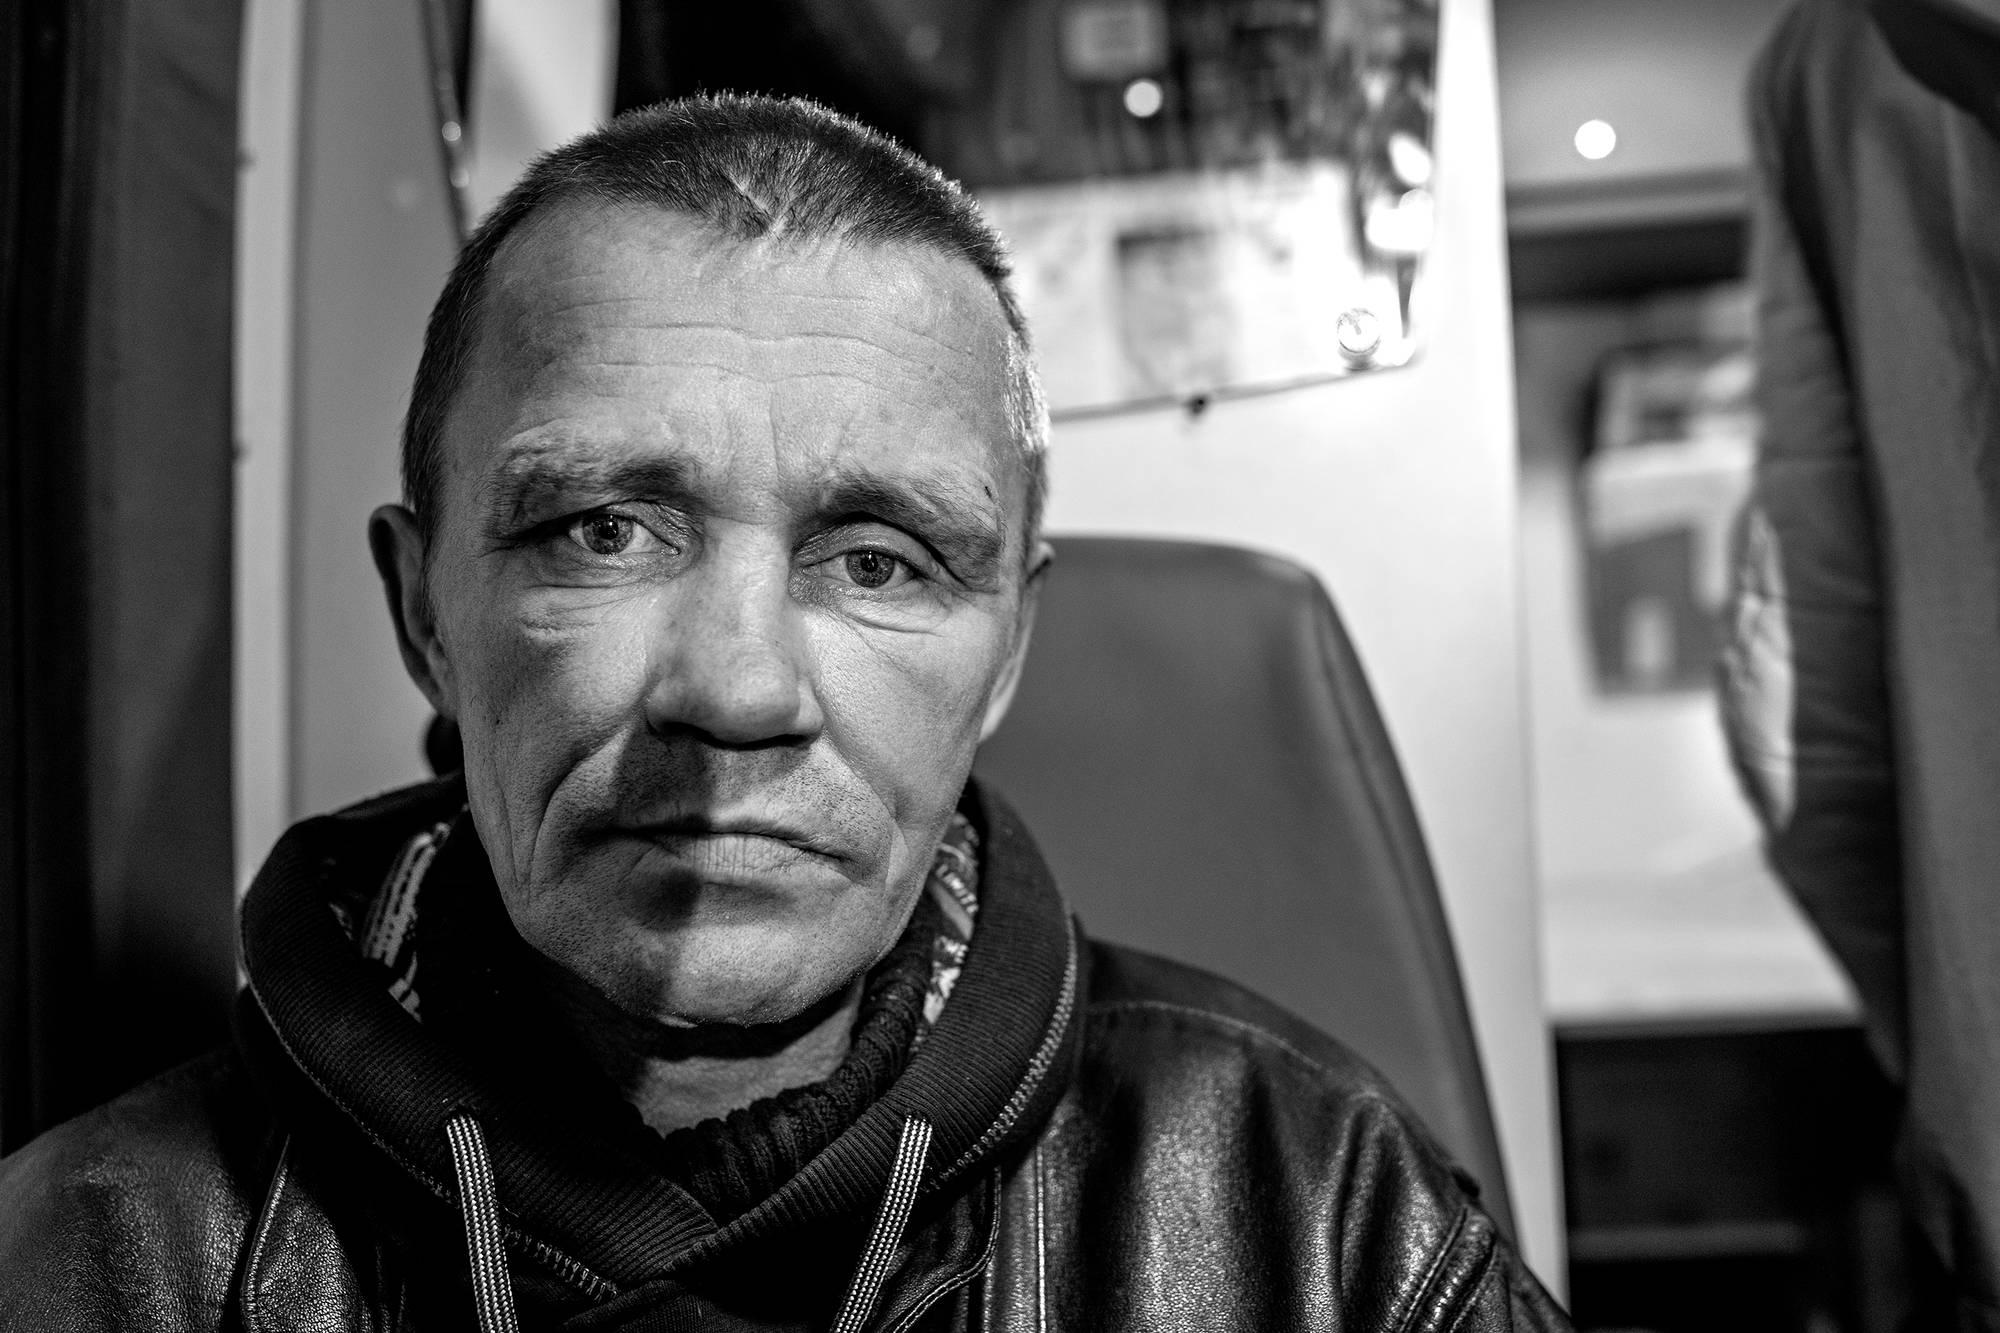 Mihail istui vankilassa 22 vuotta. Hän käy avustusbussilla joka viikko.